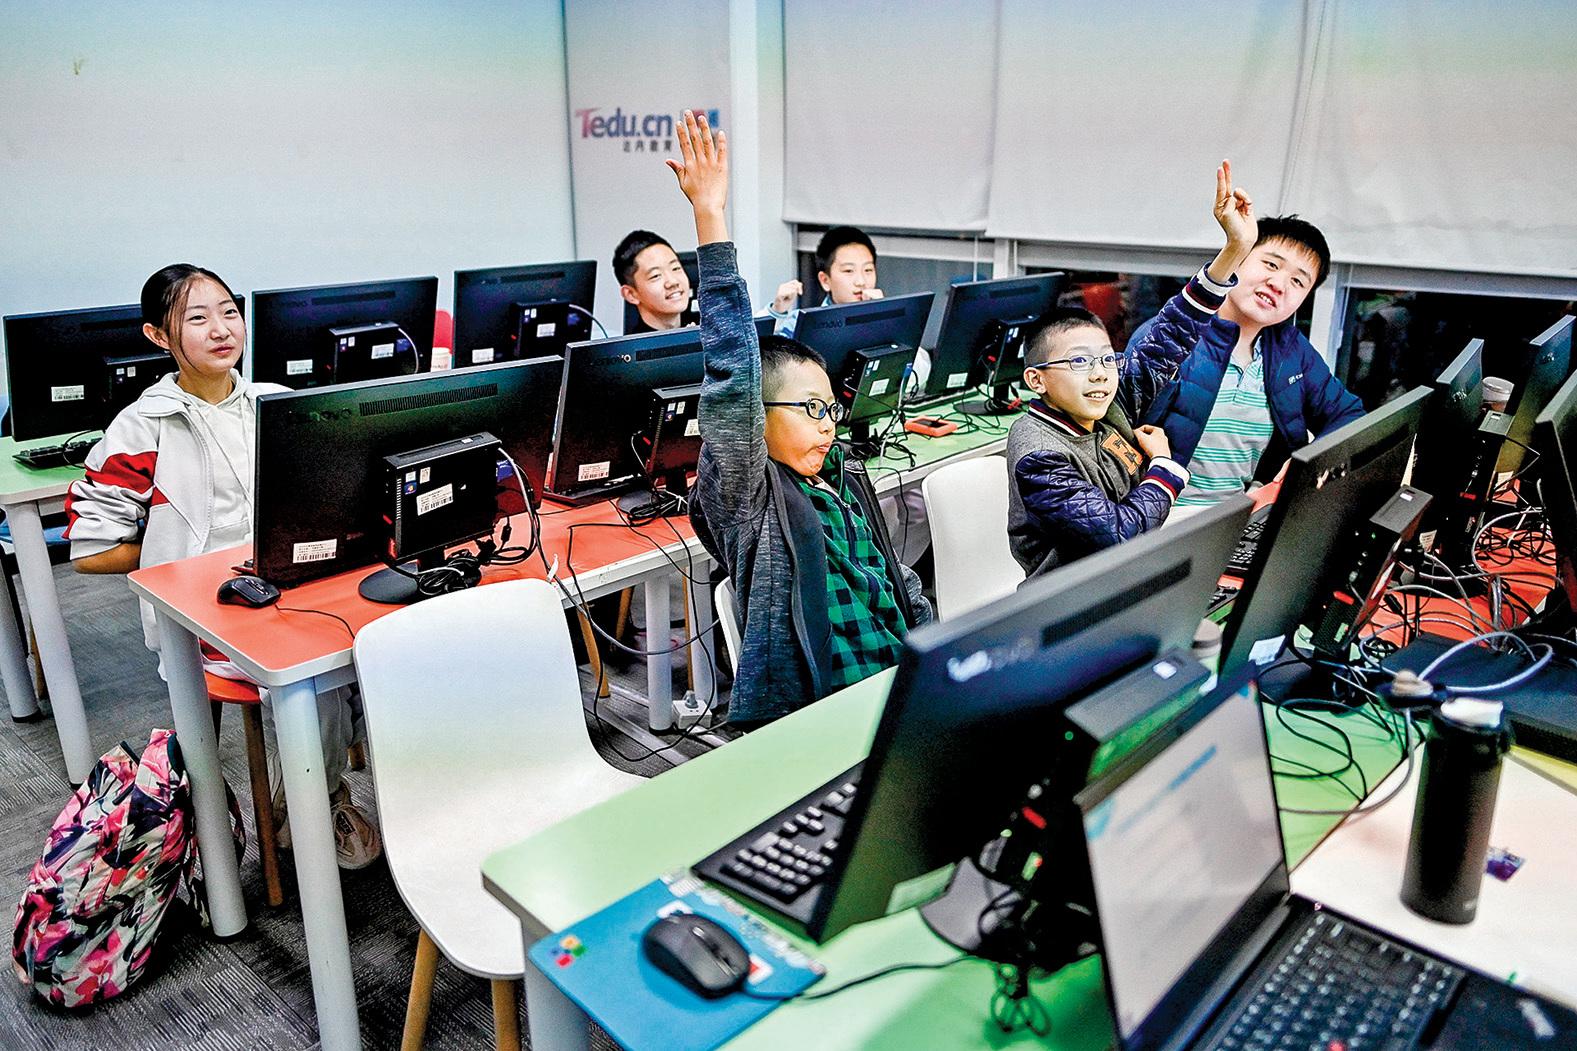 中國互聯網文化正在改變一整代人,他們對於吸收牆外資訊的意願大大降低,甚至為防火牆辯護。圖為2019年,一些學生在北京兒童計算機編碼培訓中心上課。(Getty Images)